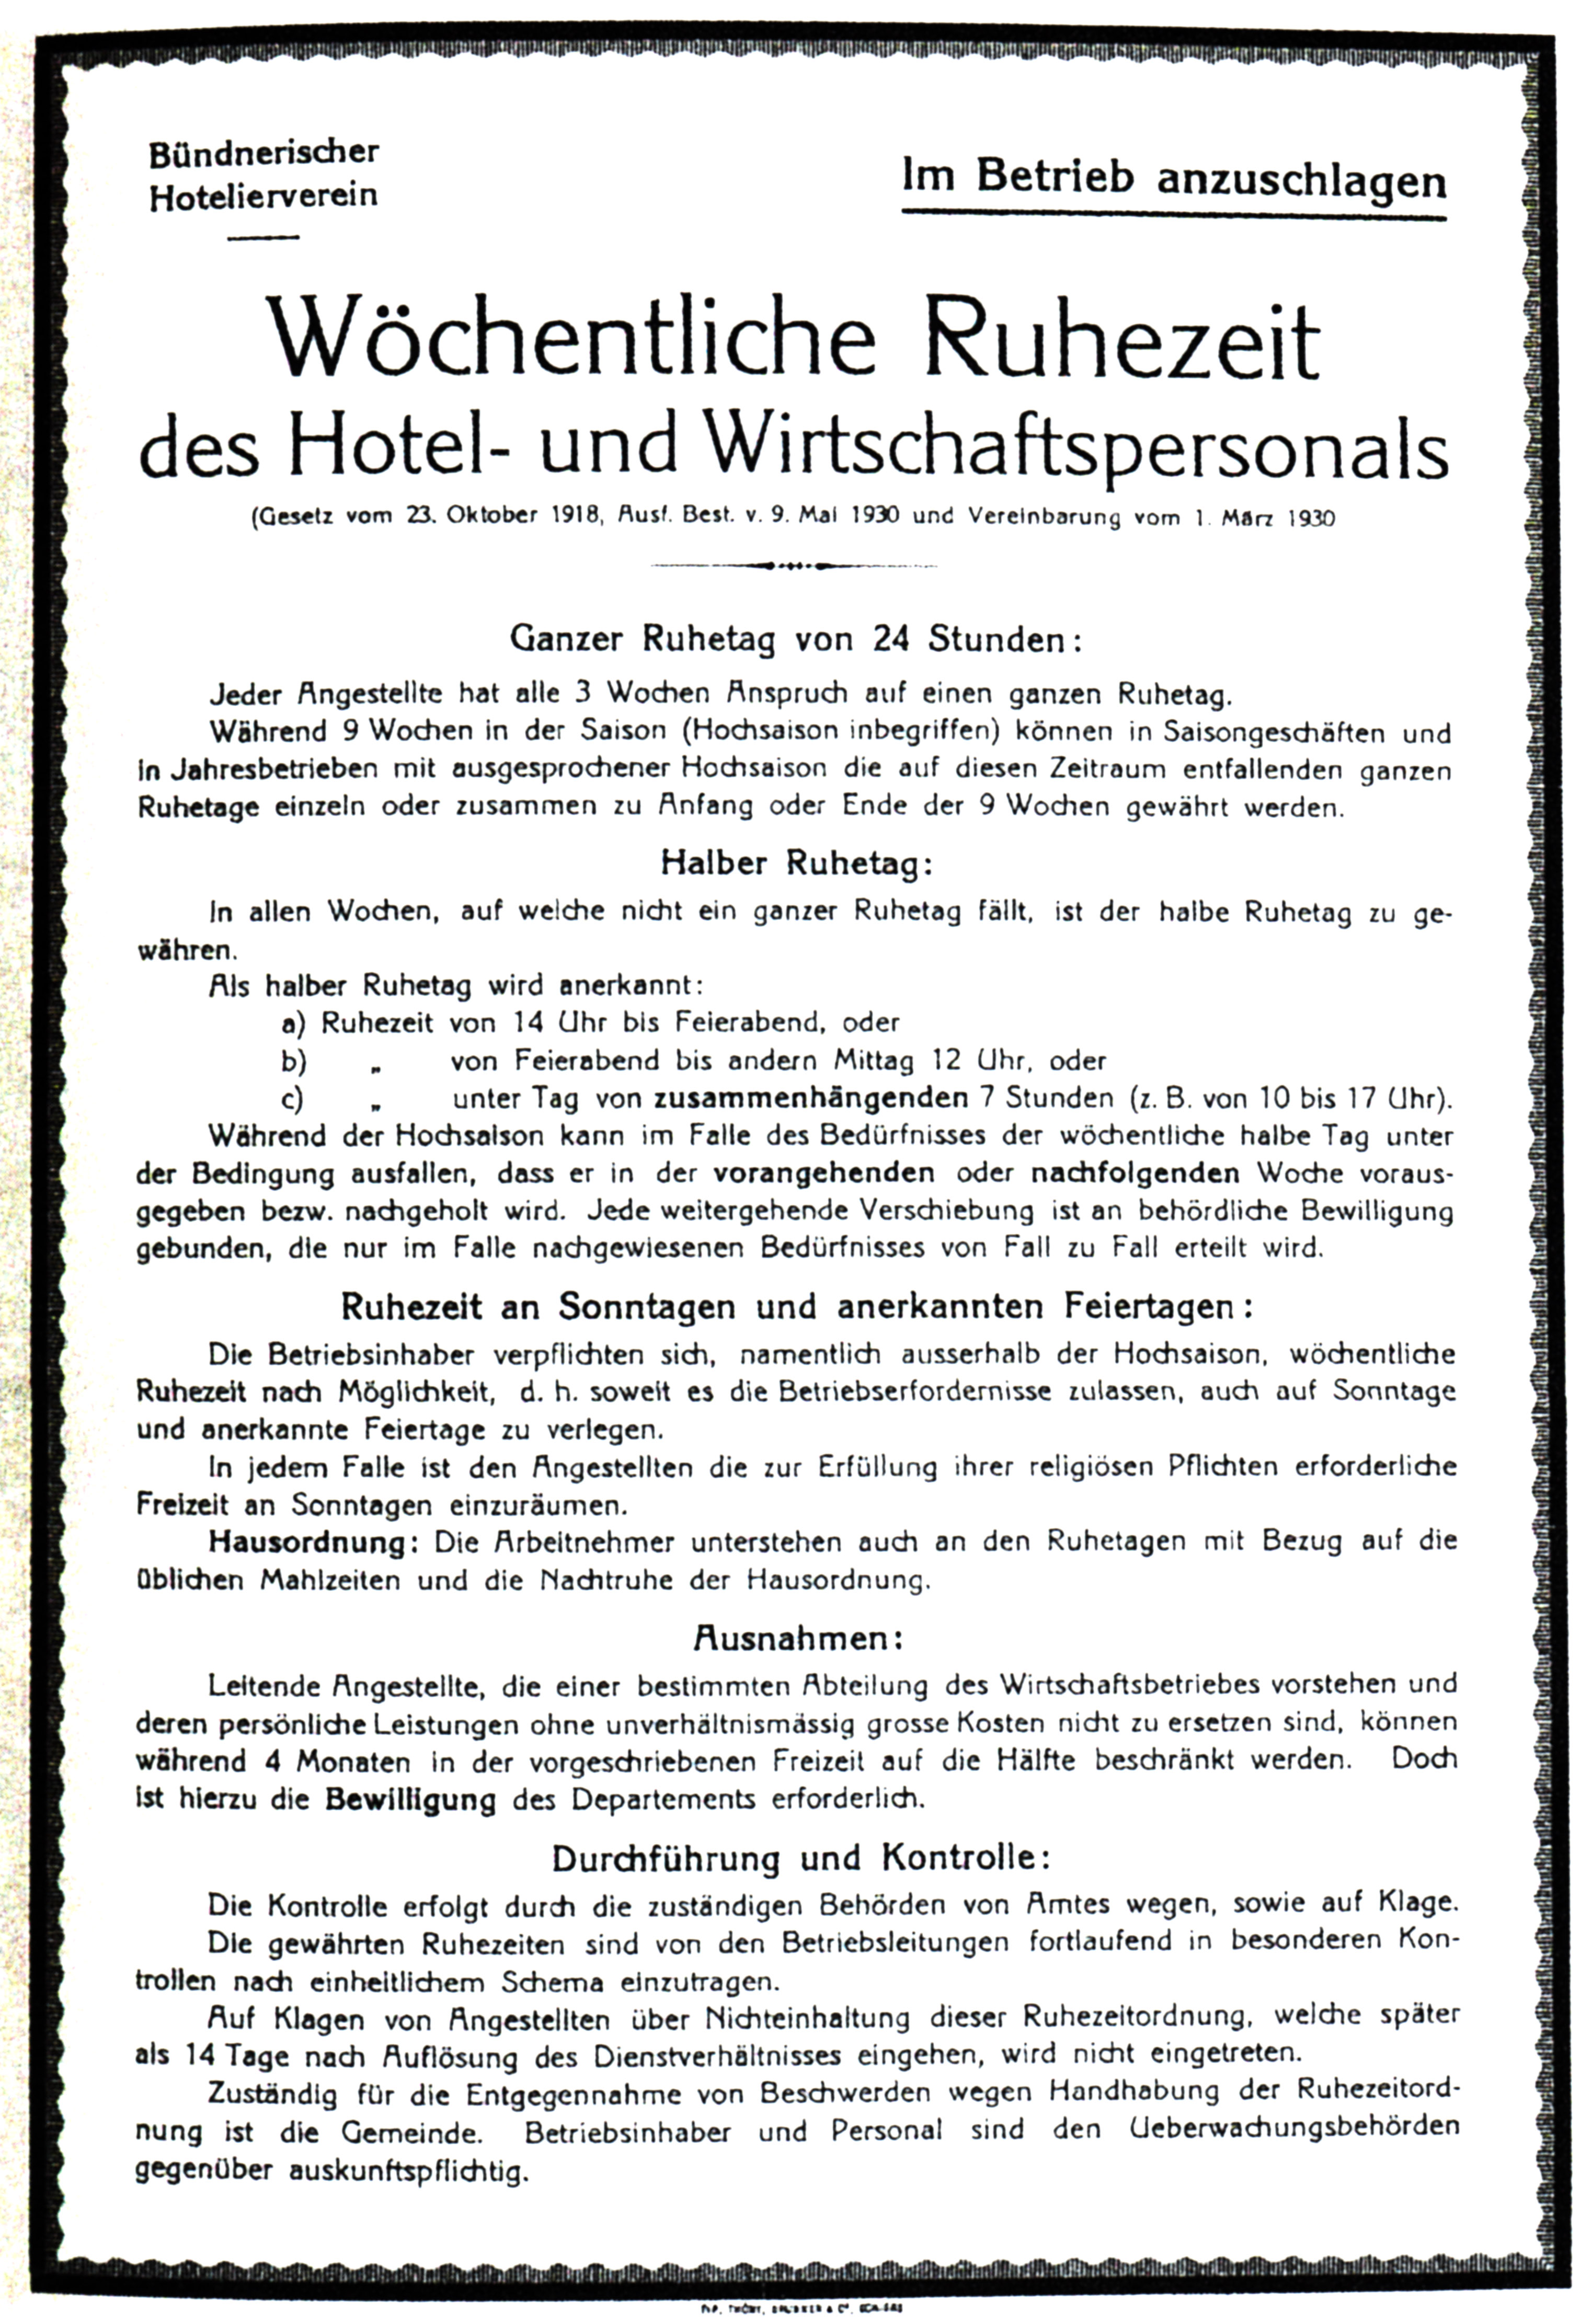 Niedlich Schaltschema Für Drei Wege Zeitgenössisch ...